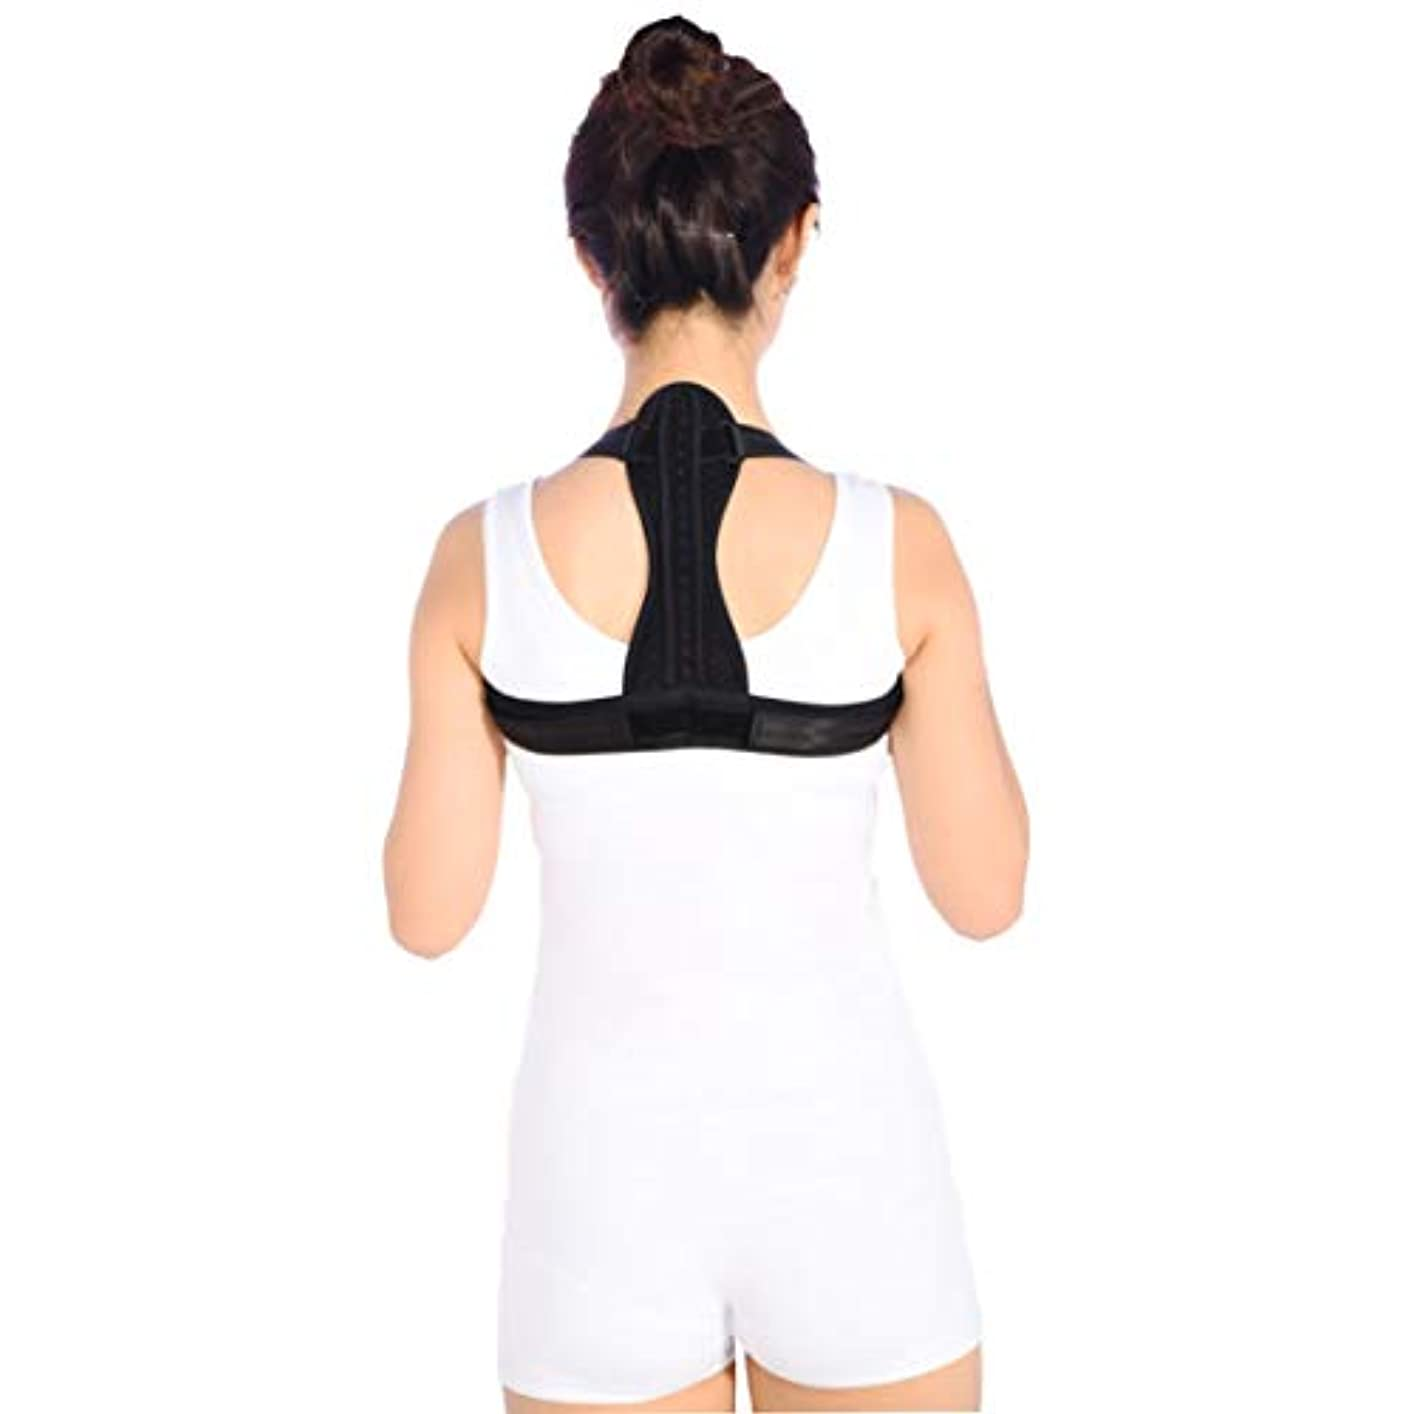 ハチ葡萄会話通気性の脊柱側弯症ザトウクジラ補正ベルト調節可能な快適さ目に見えないベルト男性女性大人学生子供 - 黒